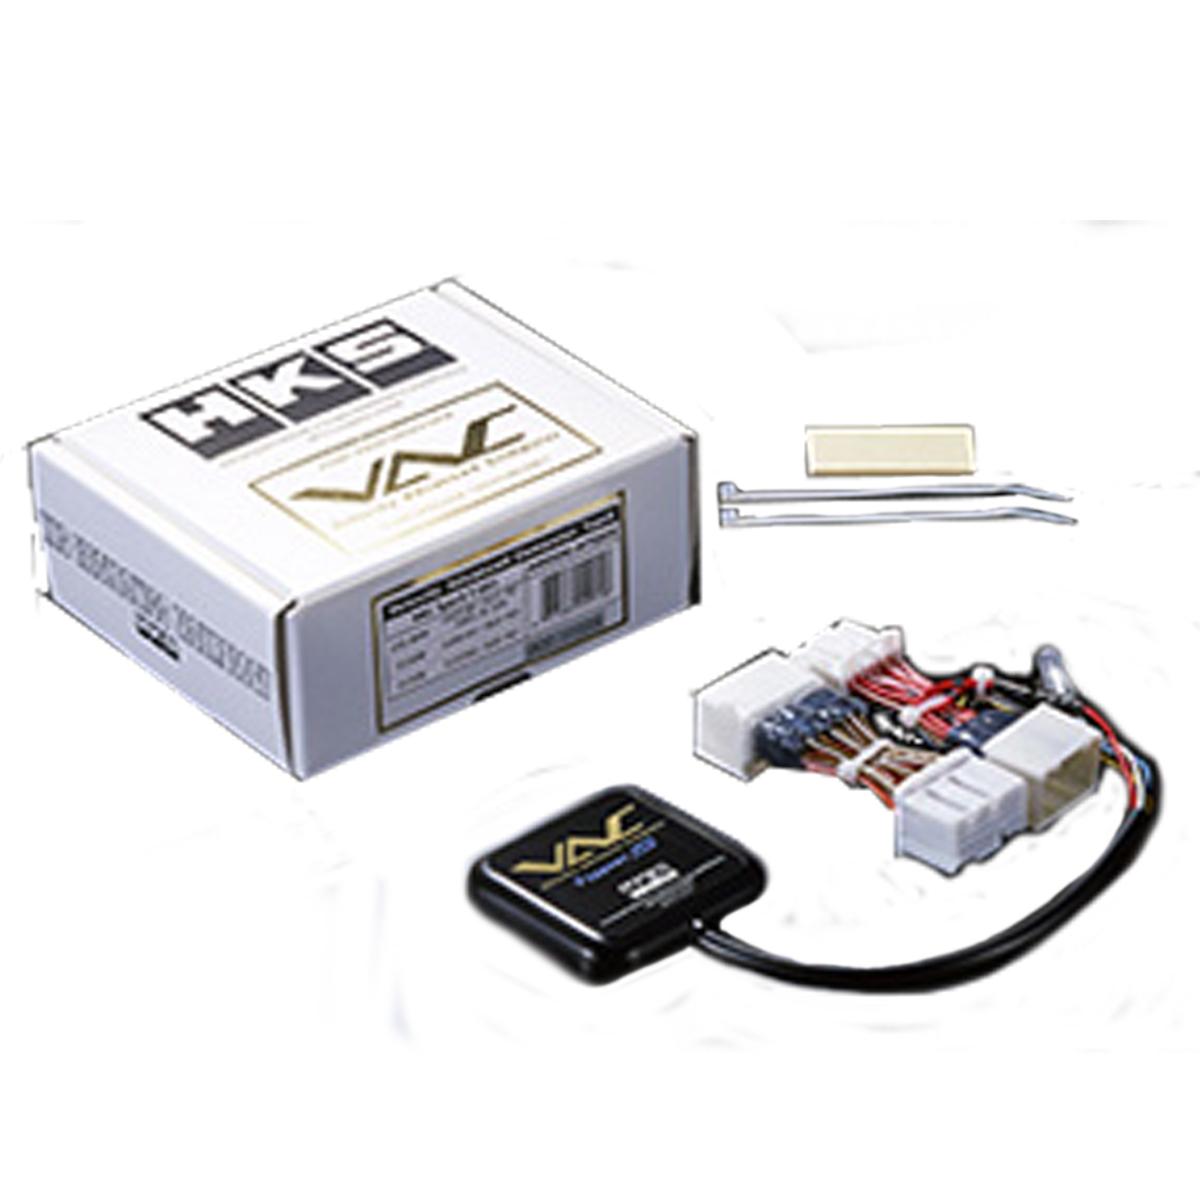 汎用 スピードリミッターカット VAC ヴェロシティー アドバンスド コンピューター HKS 45002-AT011 エレクトリニクス 個人宅発送追金有